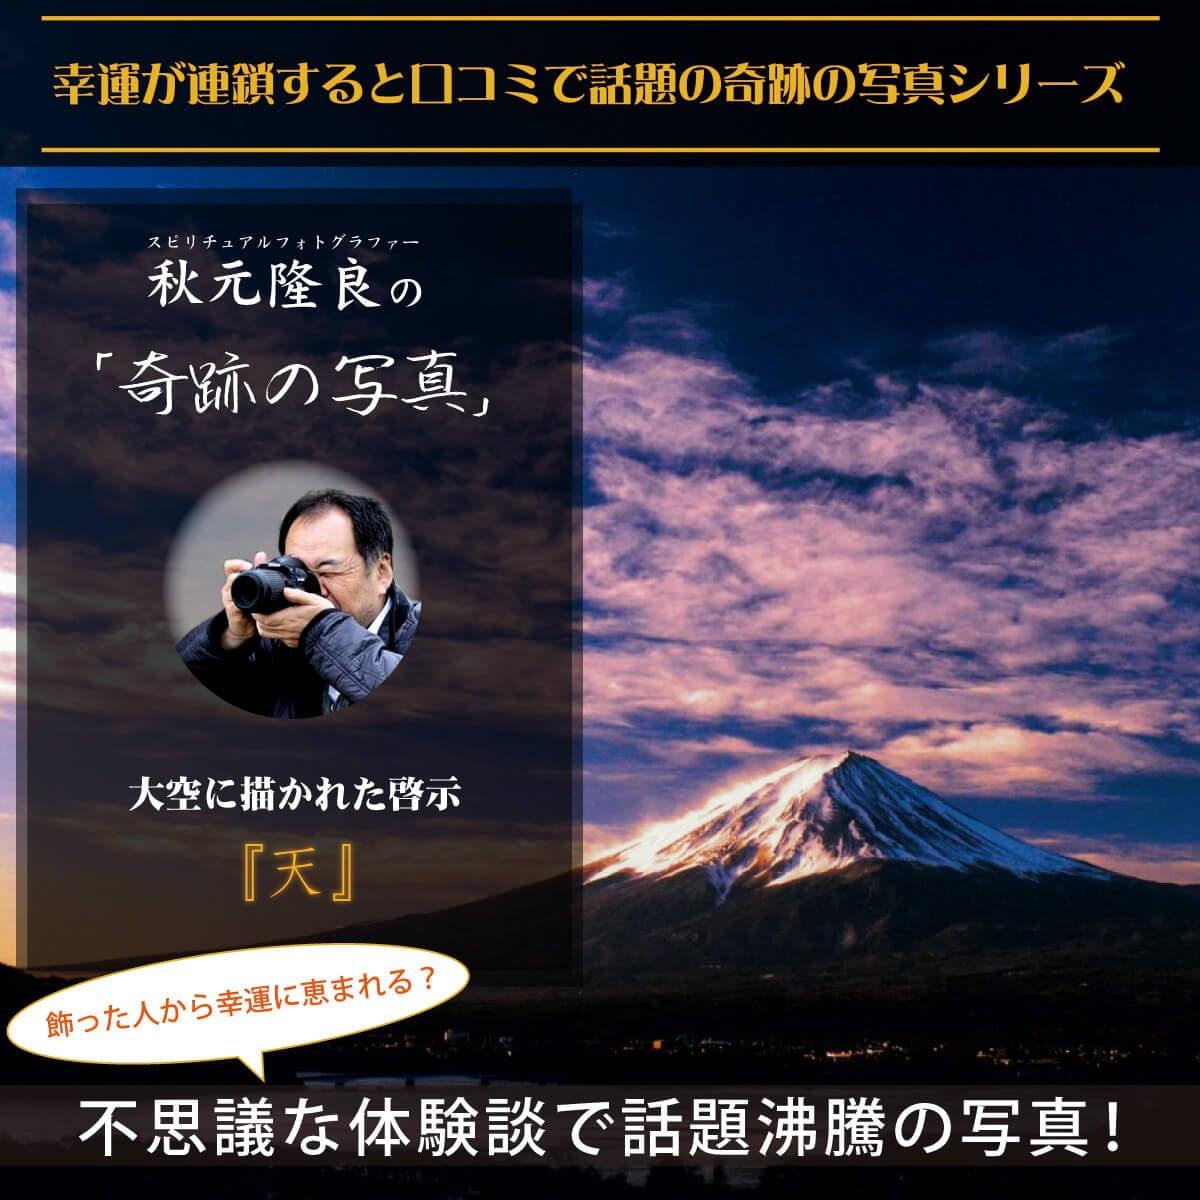 【奇跡の写真】天 ≫飾るだけで幸運が連鎖すると話題!秋元隆良の開運フォト作品 開運グッズ